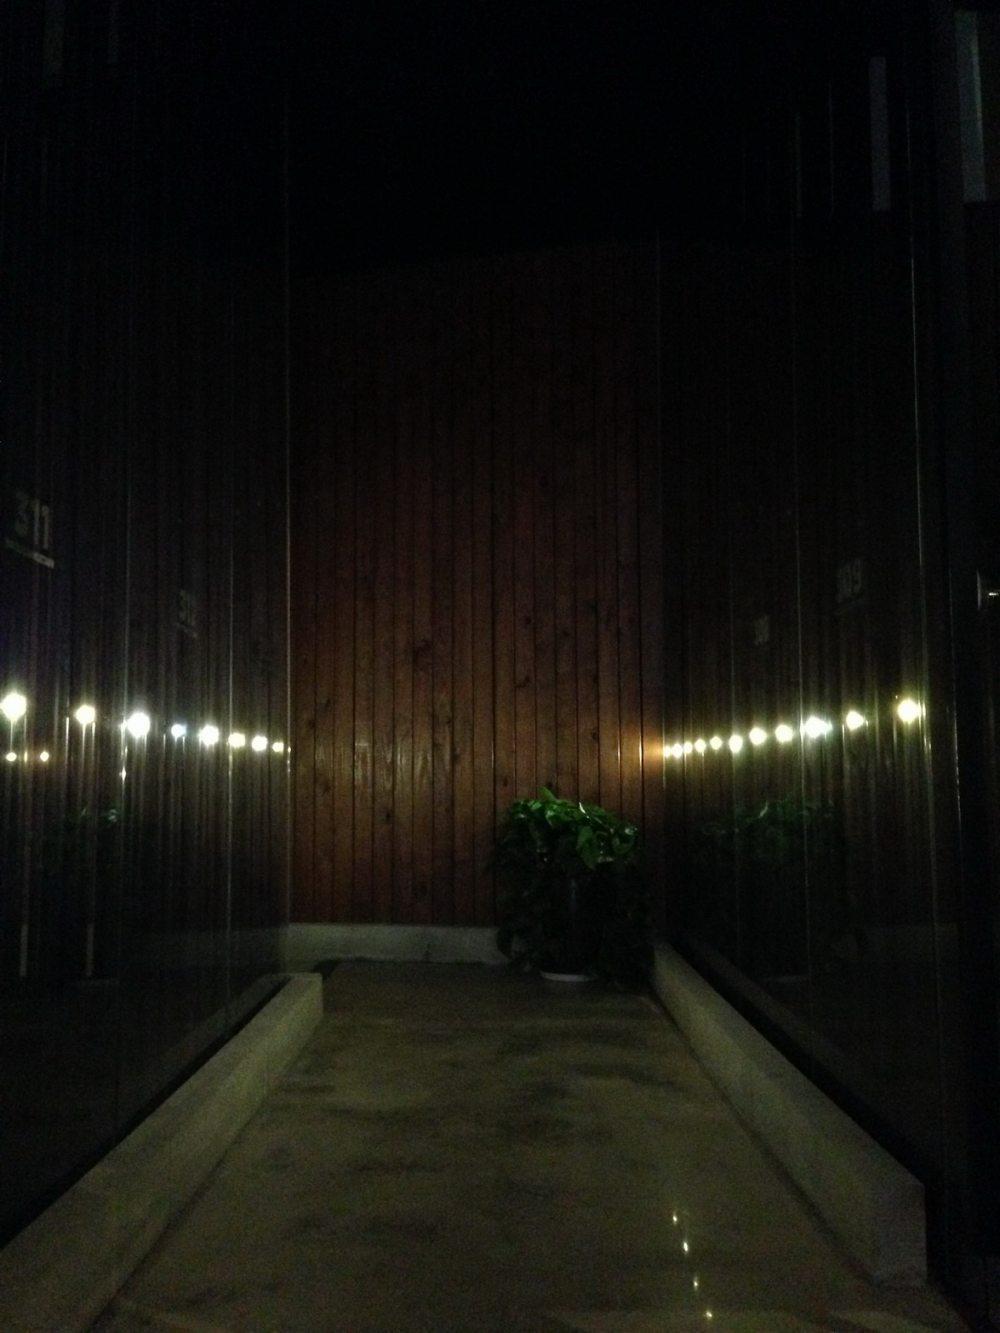 厦门乐雅无垠酒店Hotel Wind自拍 分享_IMG_2651.JPG